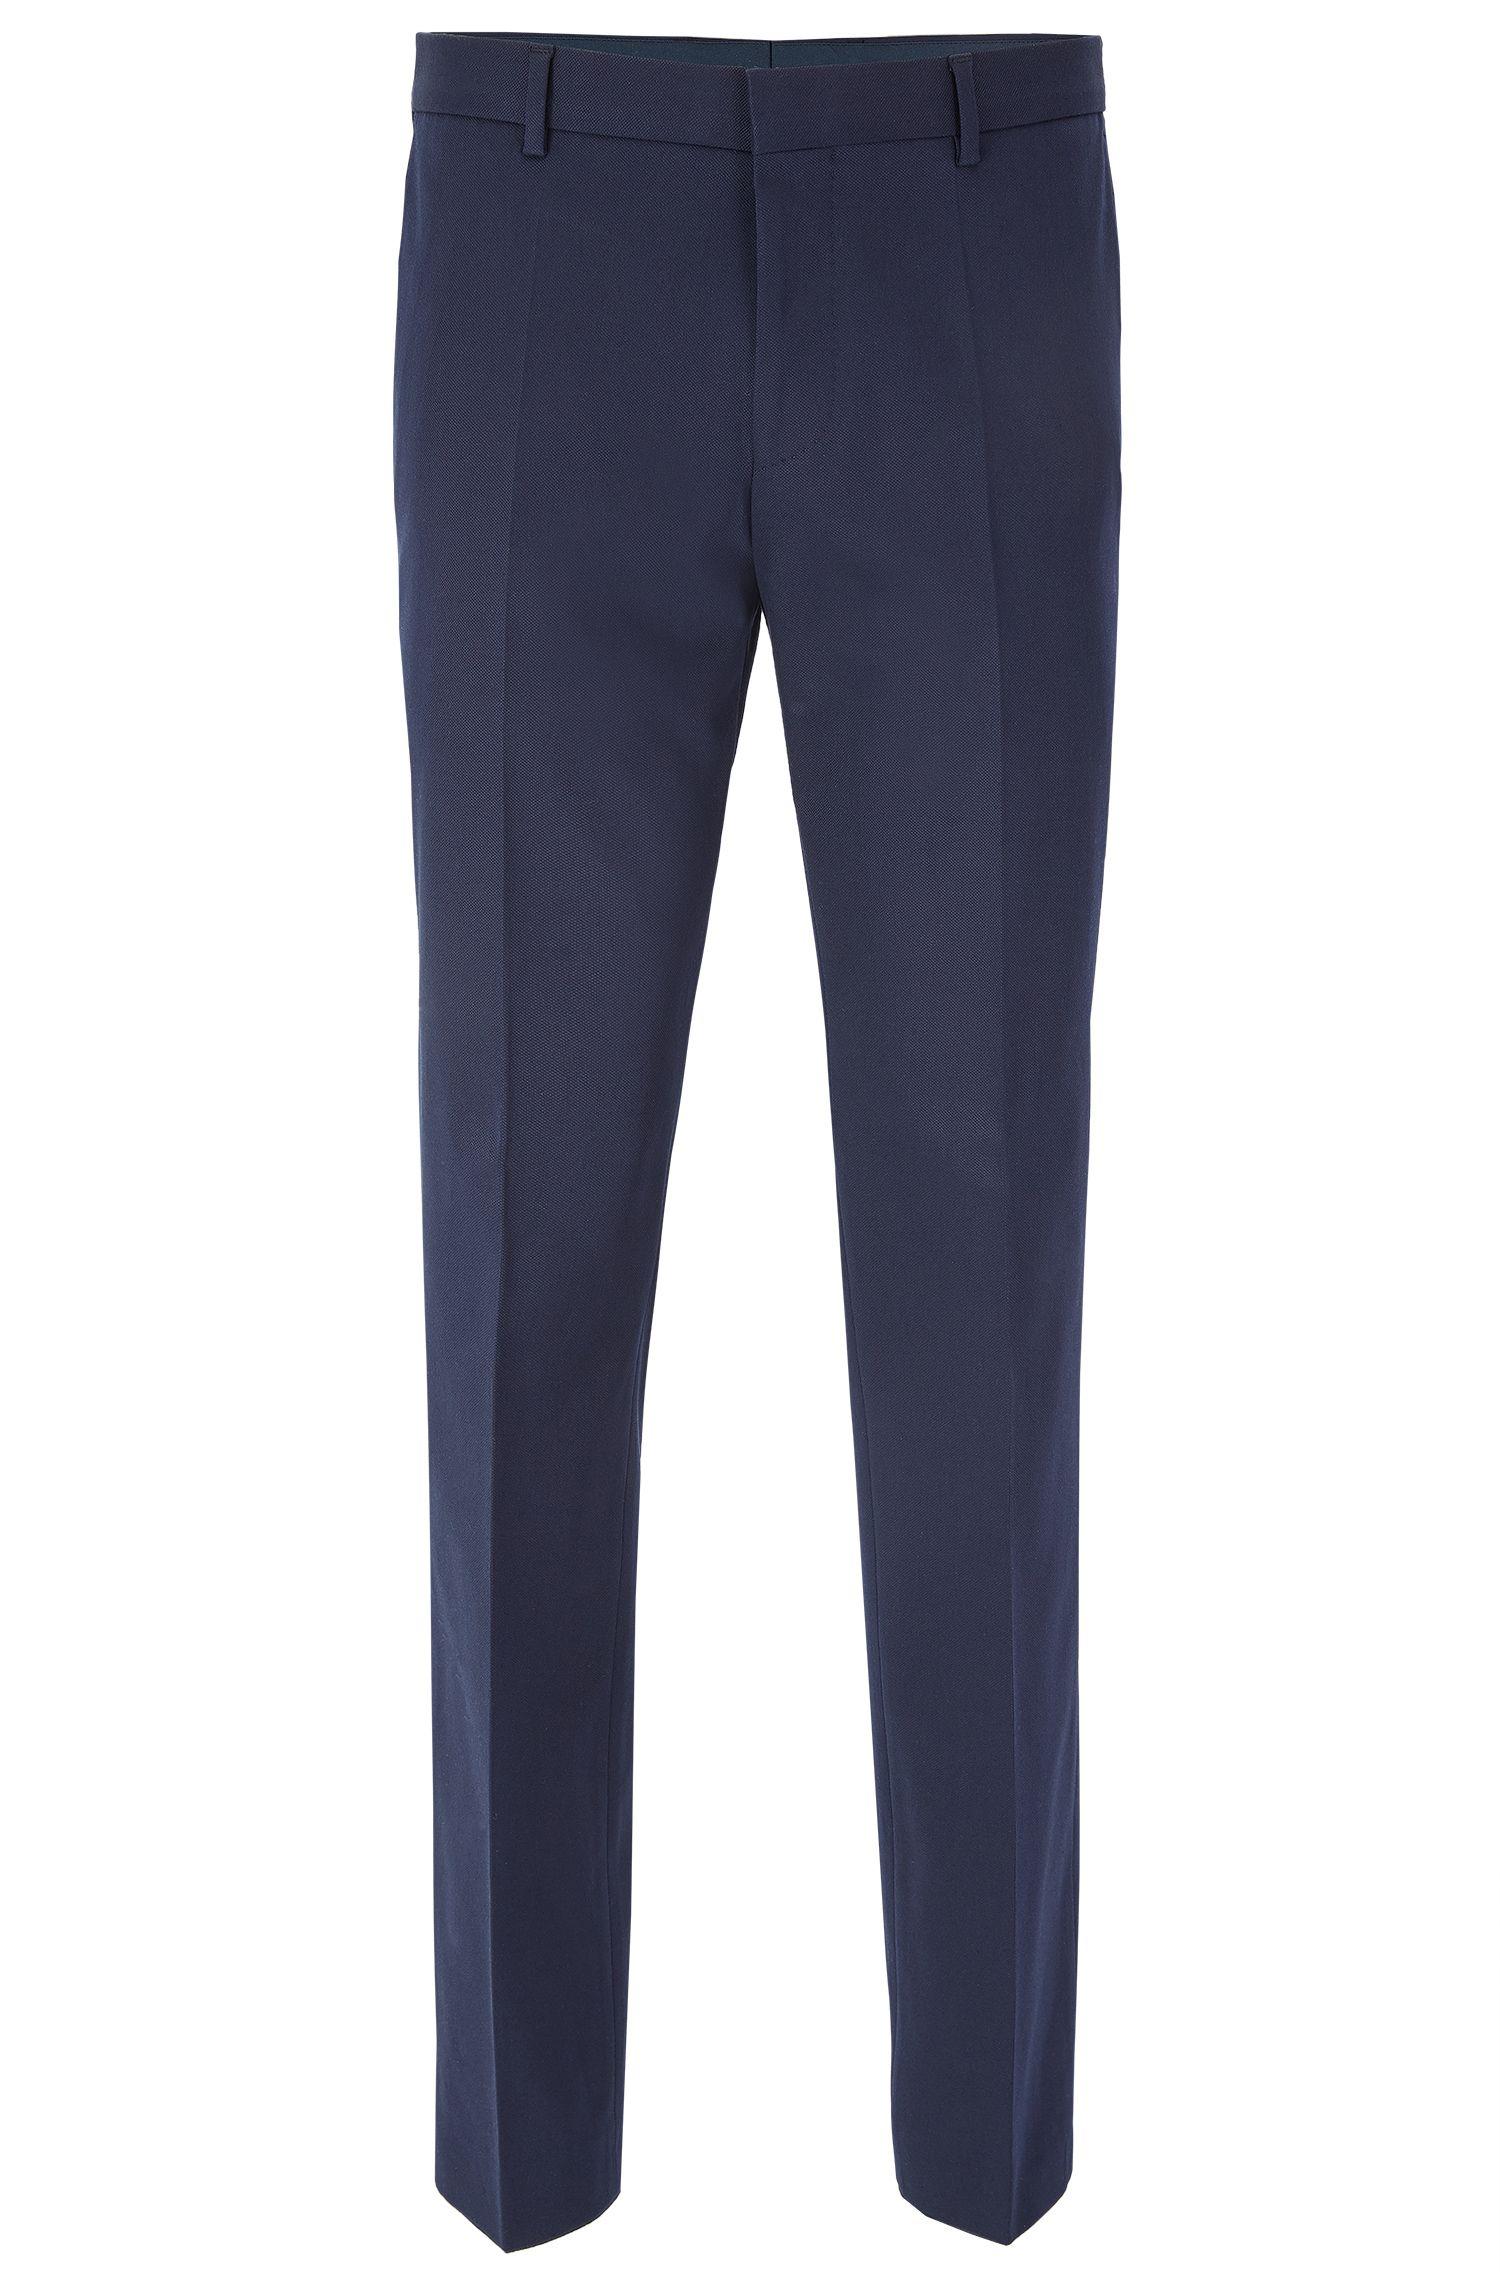 Pantaloni slim fit in cotone elasticizzato con impunture AMF